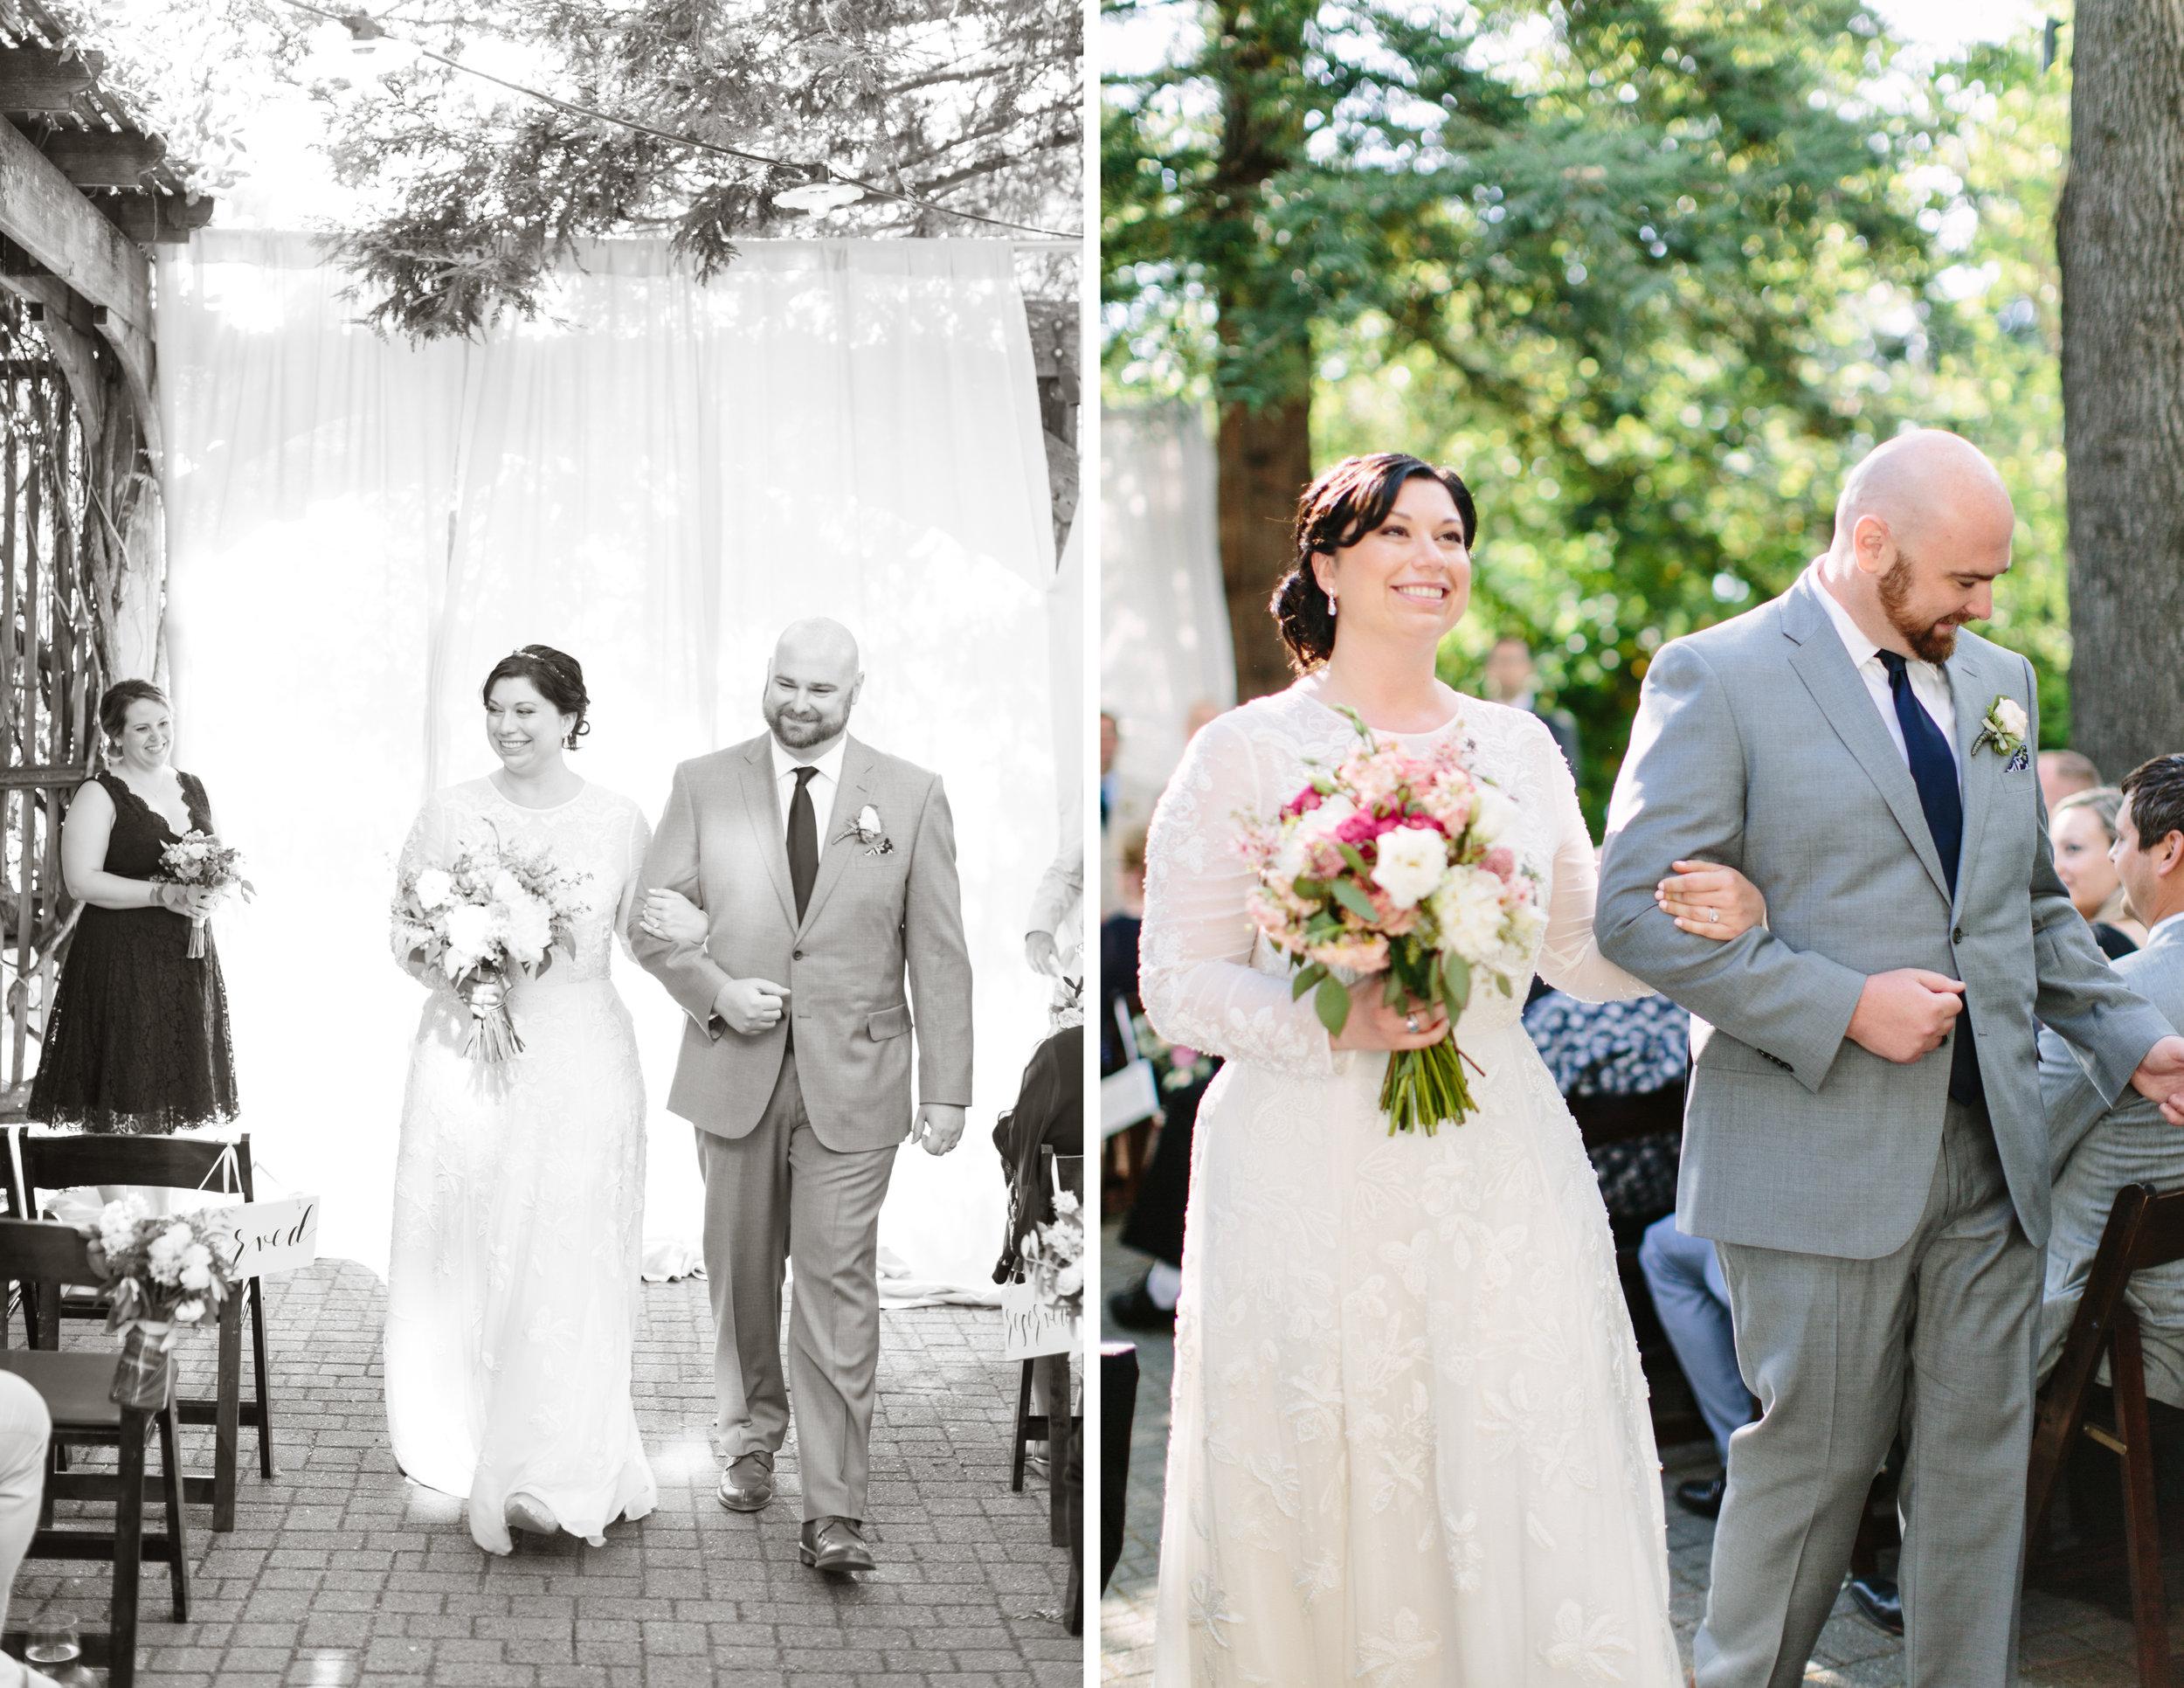 generals daughter sonoma wedding 14.jpg